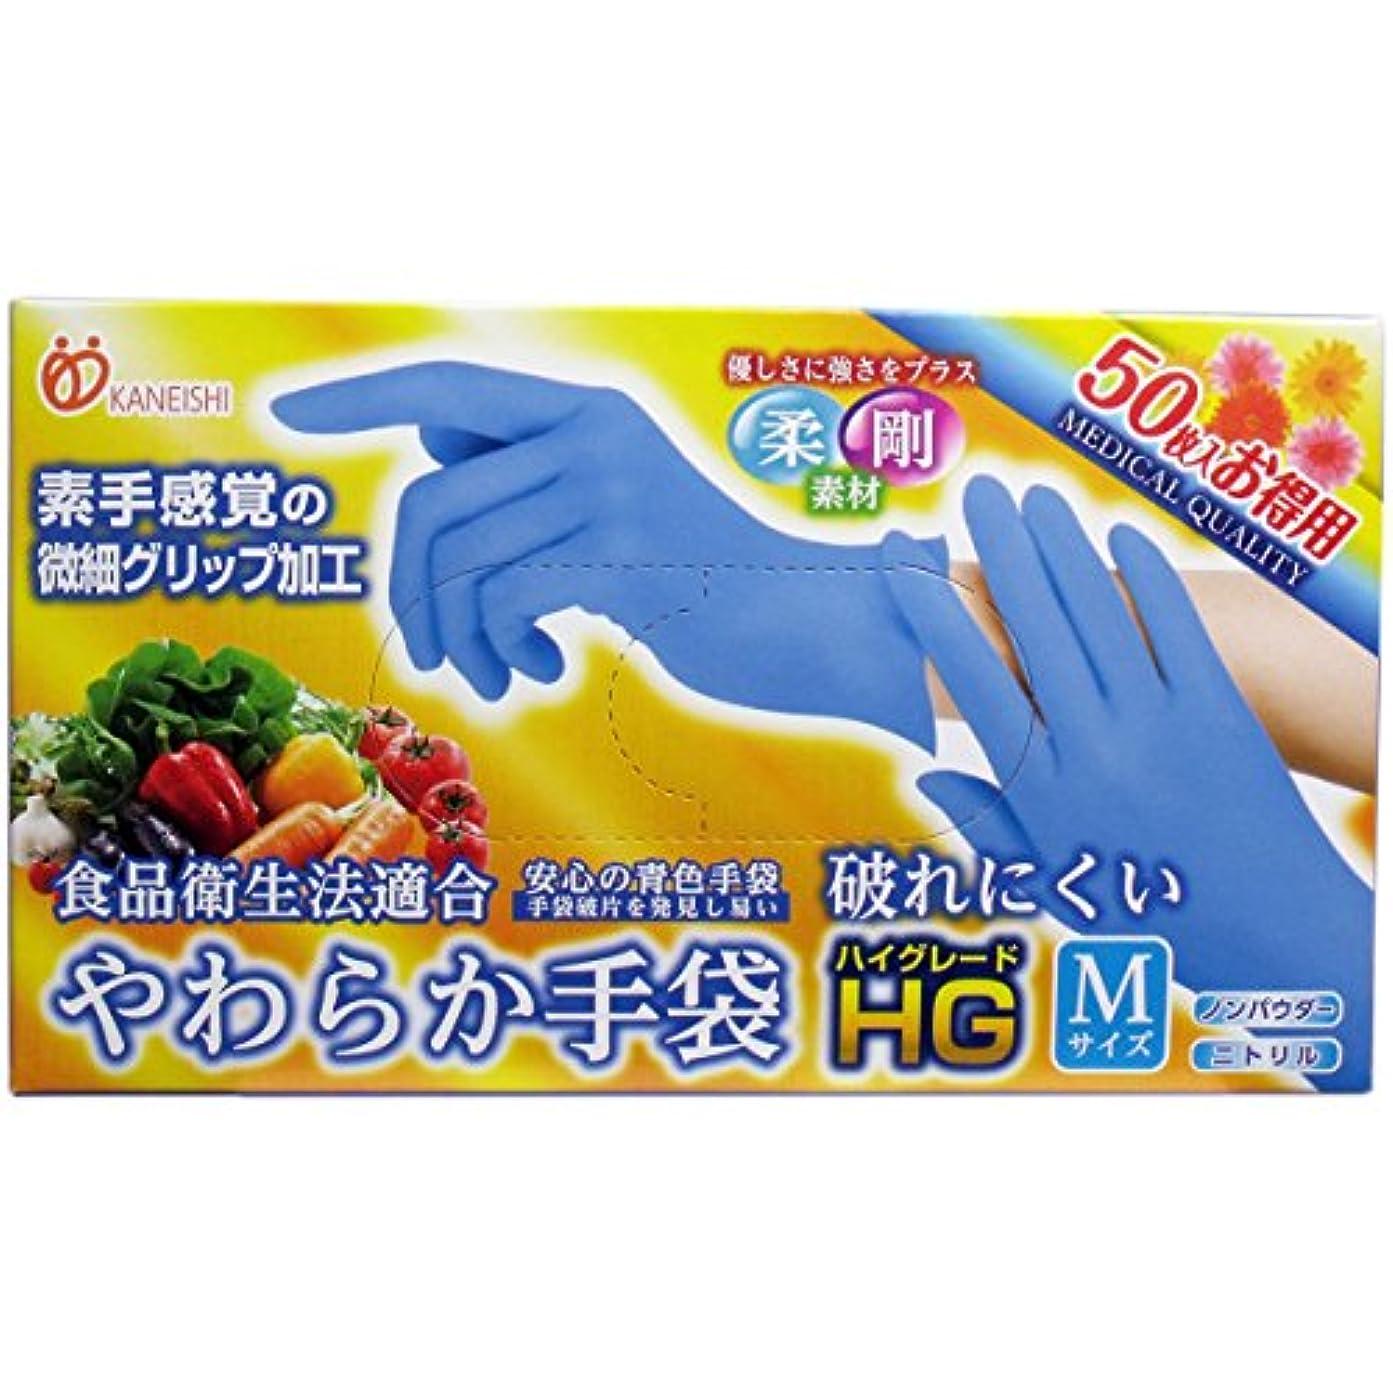 肺クリアトライアスロンやわらか手袋 HG(ハイグレード) スーパーブルー Mサイズ 50枚入